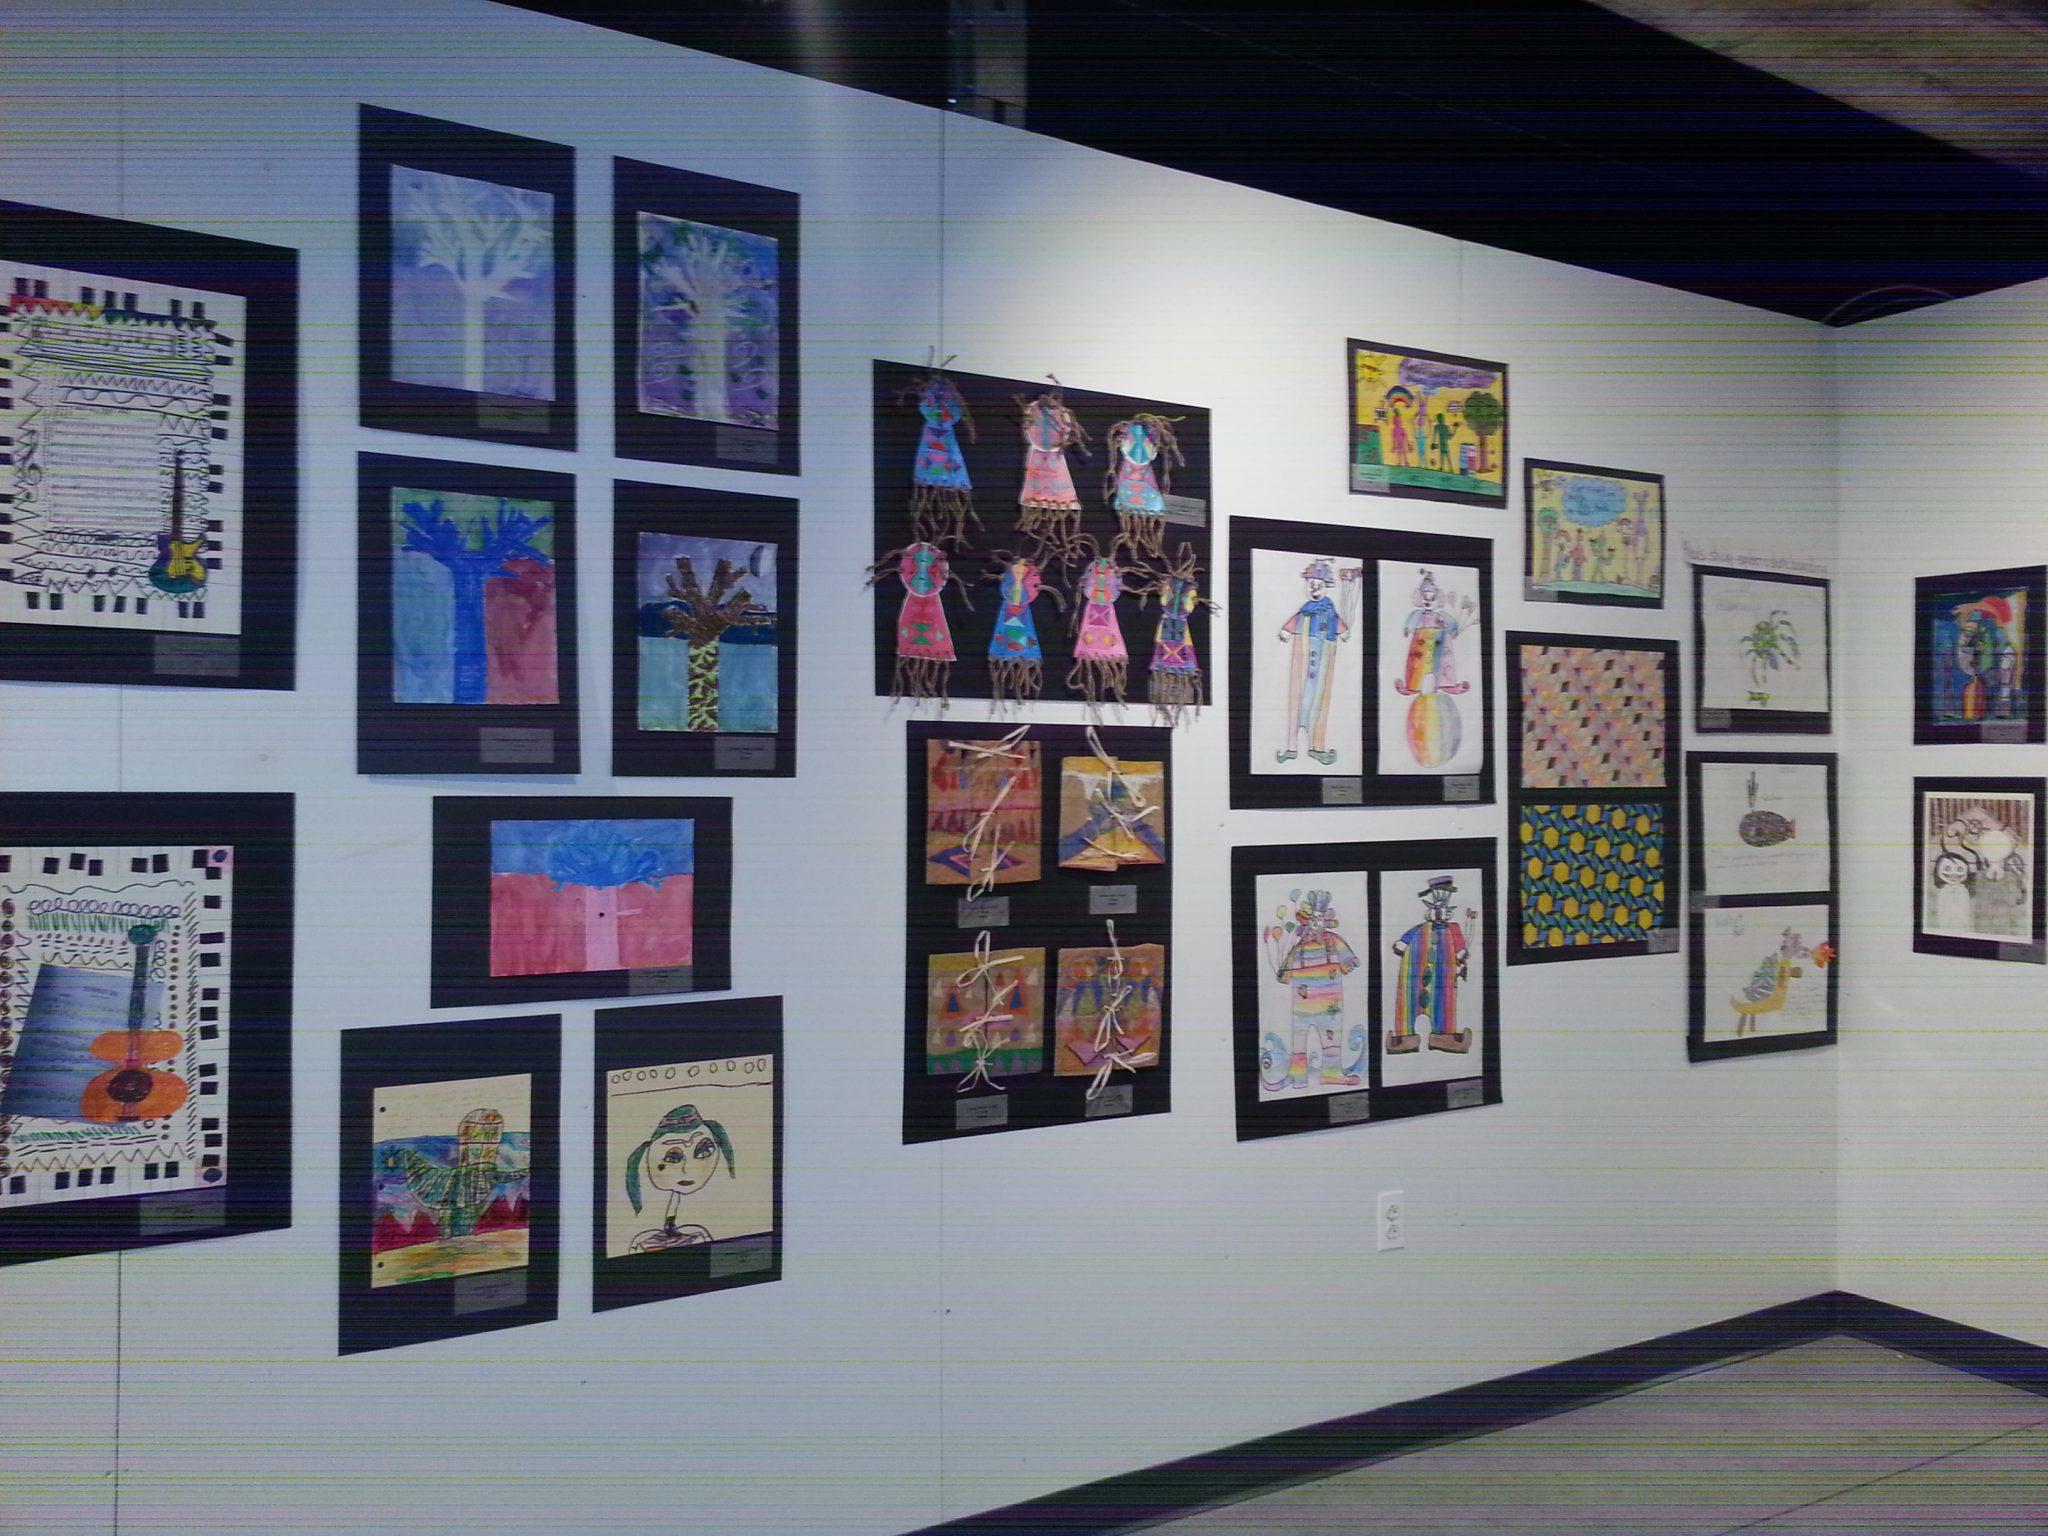 2014 Atlantic City Schools Art Show at the Arts Garage